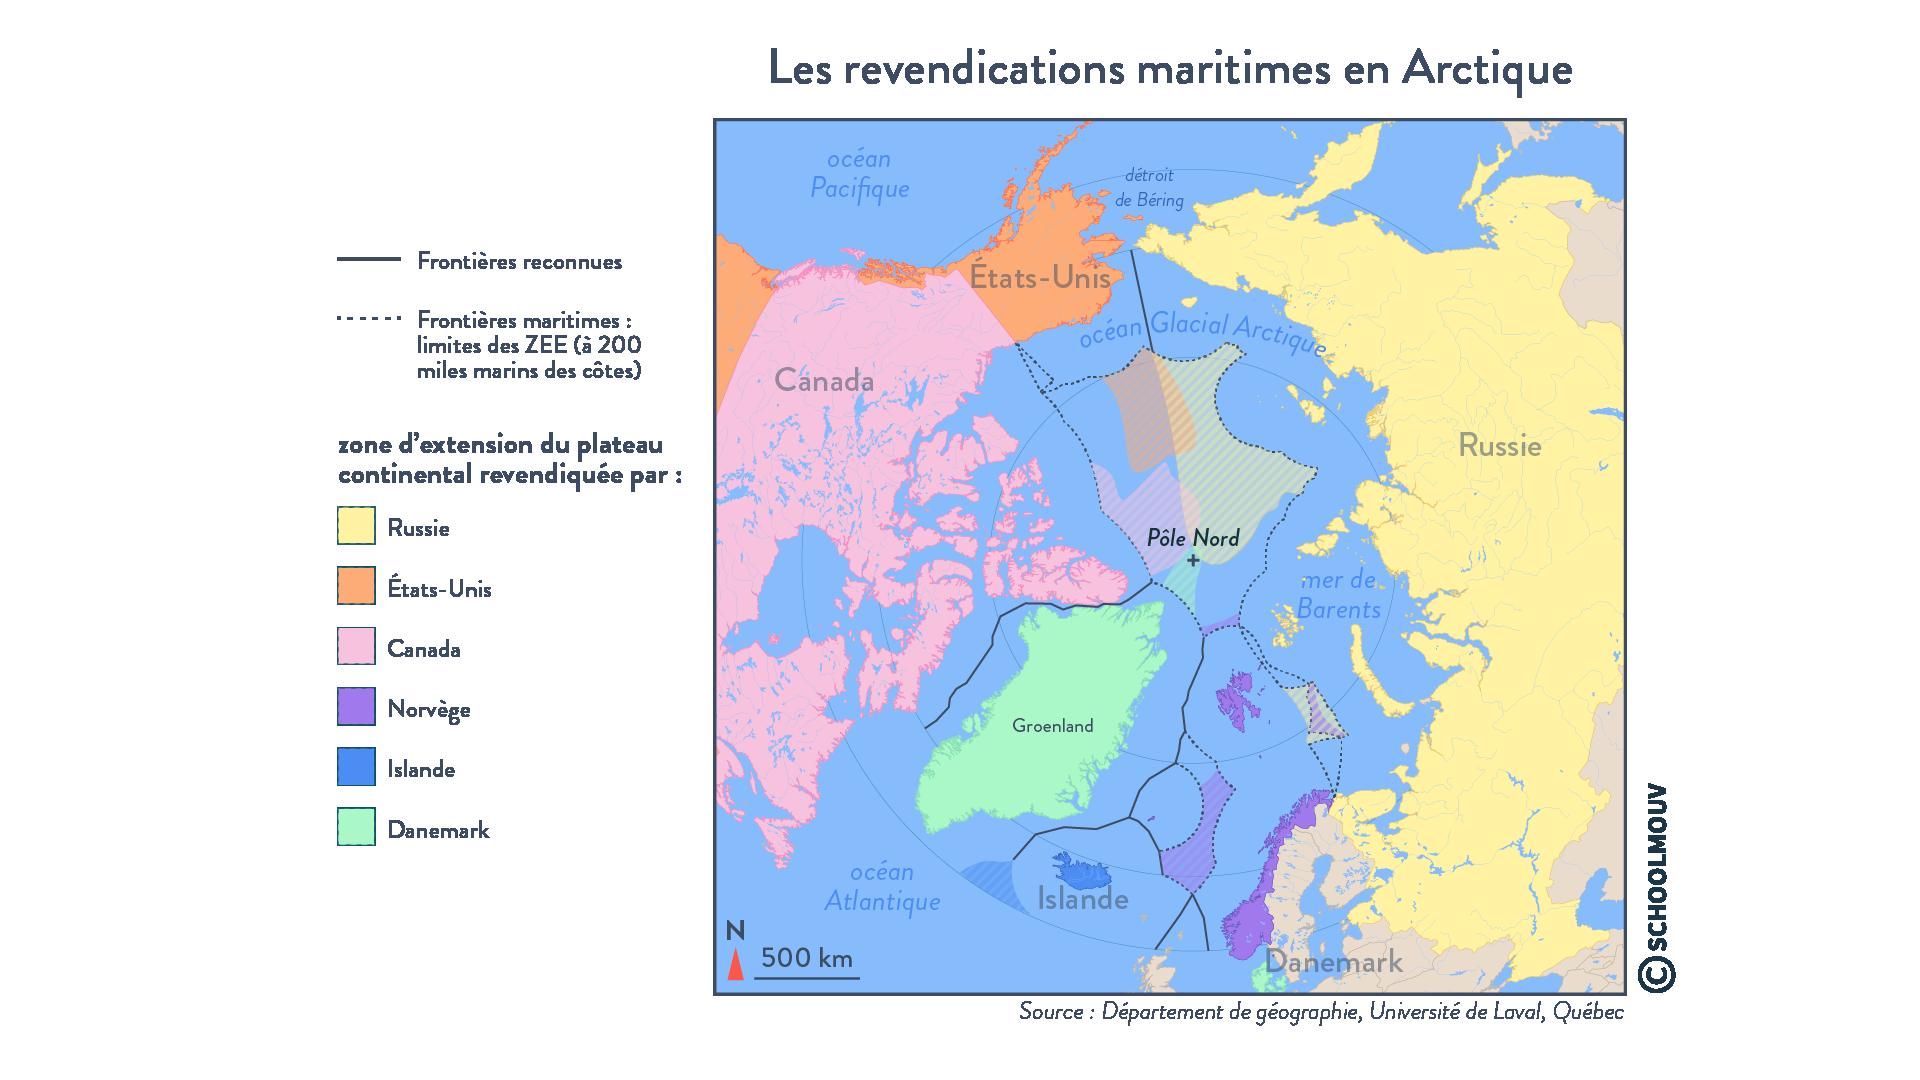 Les revendications maritimes en Arctique - géographie - terminale - SchoolMouv